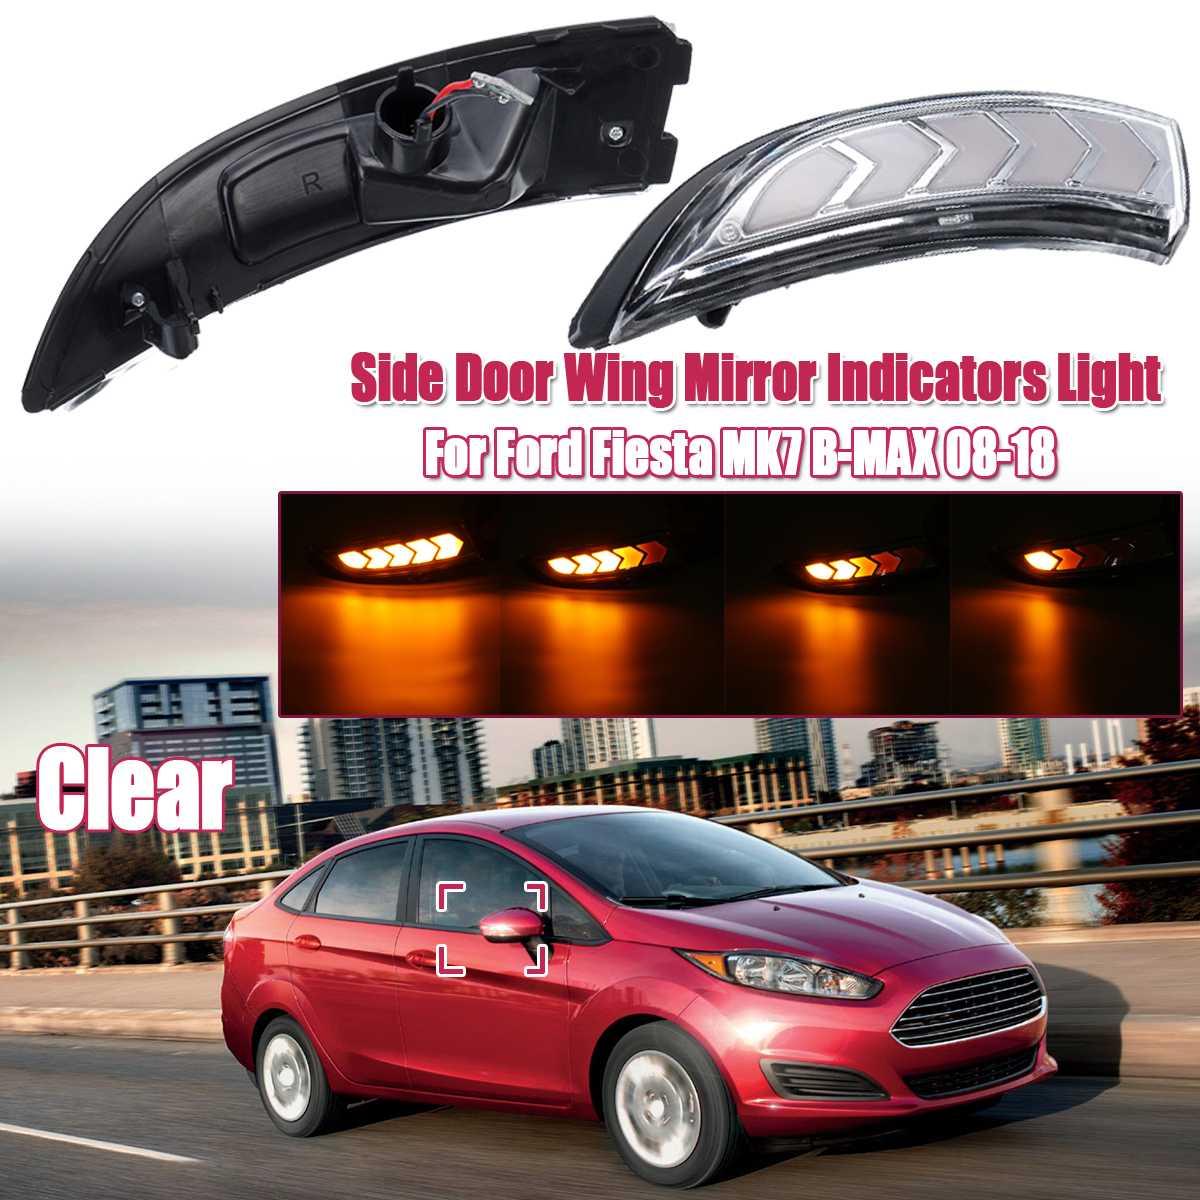 Paire clignotant coulant LED aile latérale rétroviseur indicateur dynamique clignotant pour Ford pour Fiesta MK7 B-MAX 08-18